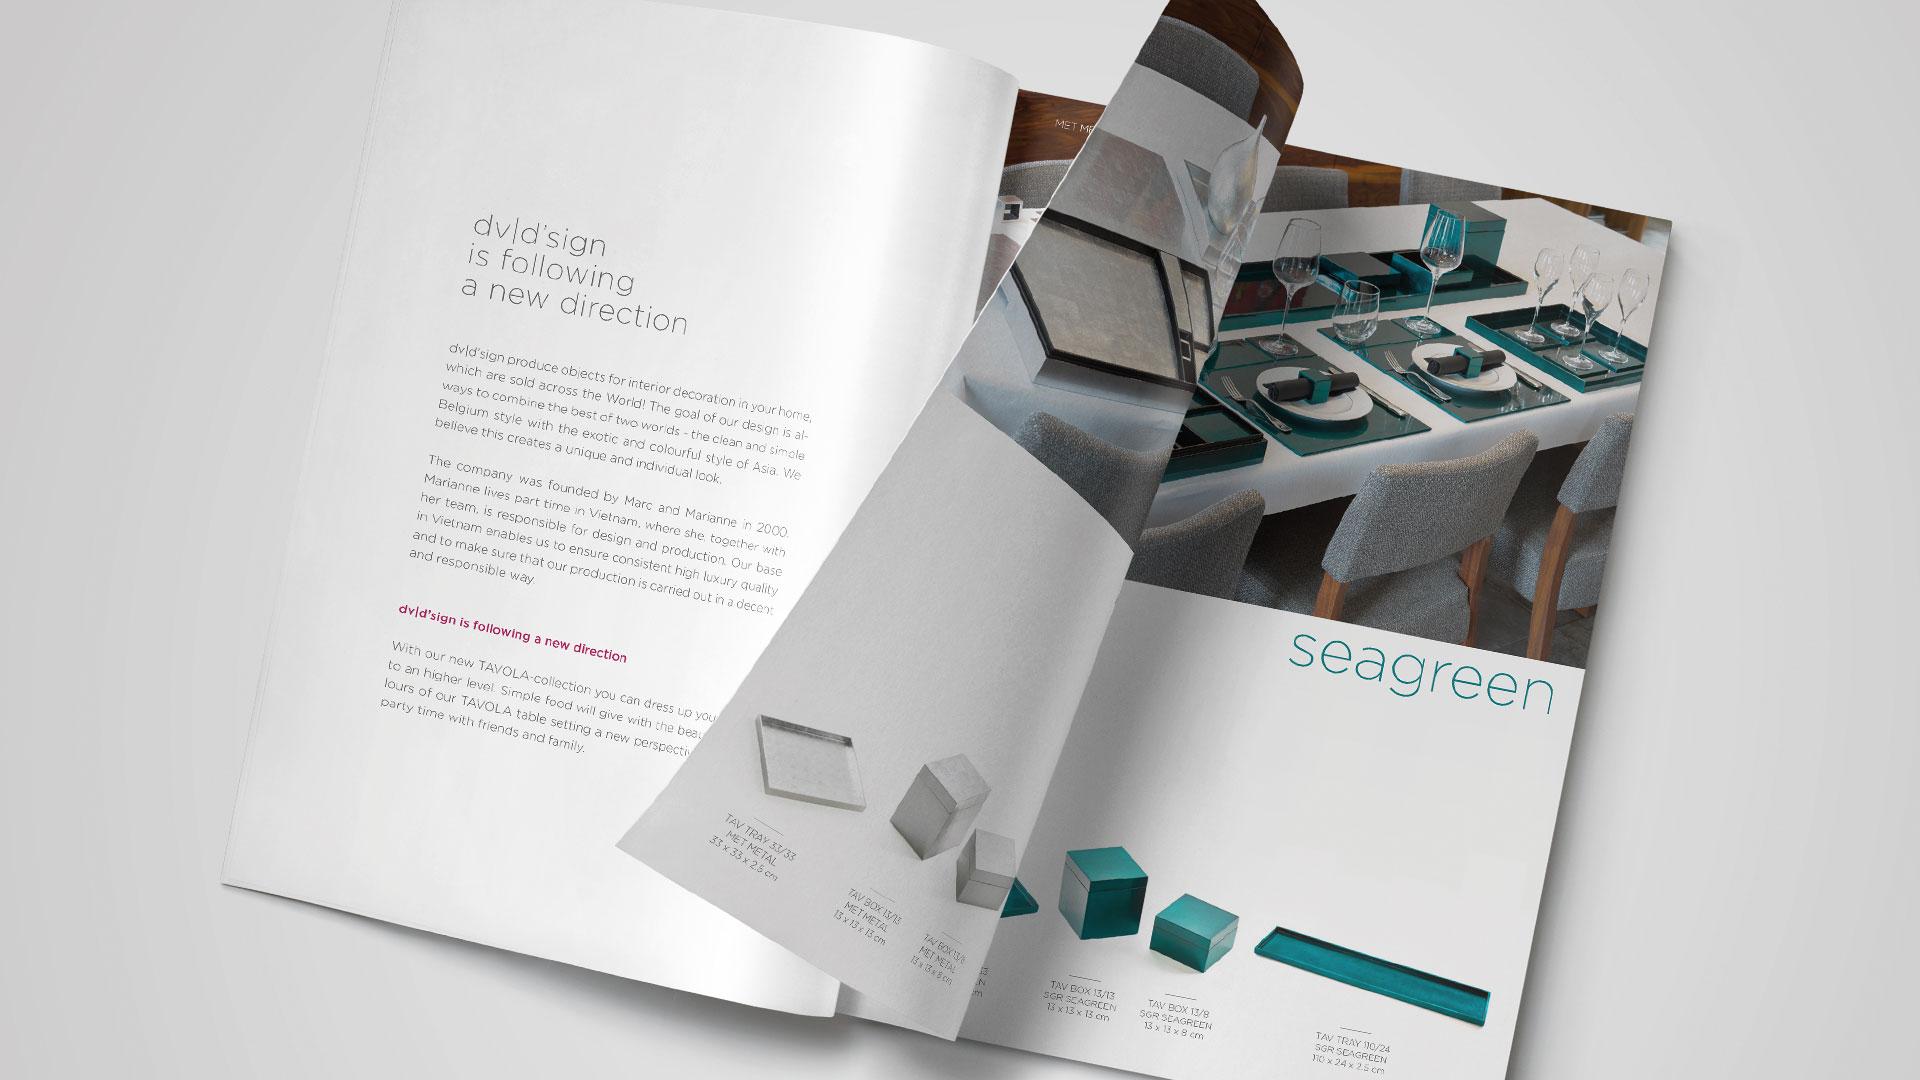 dv-brochure-tavola